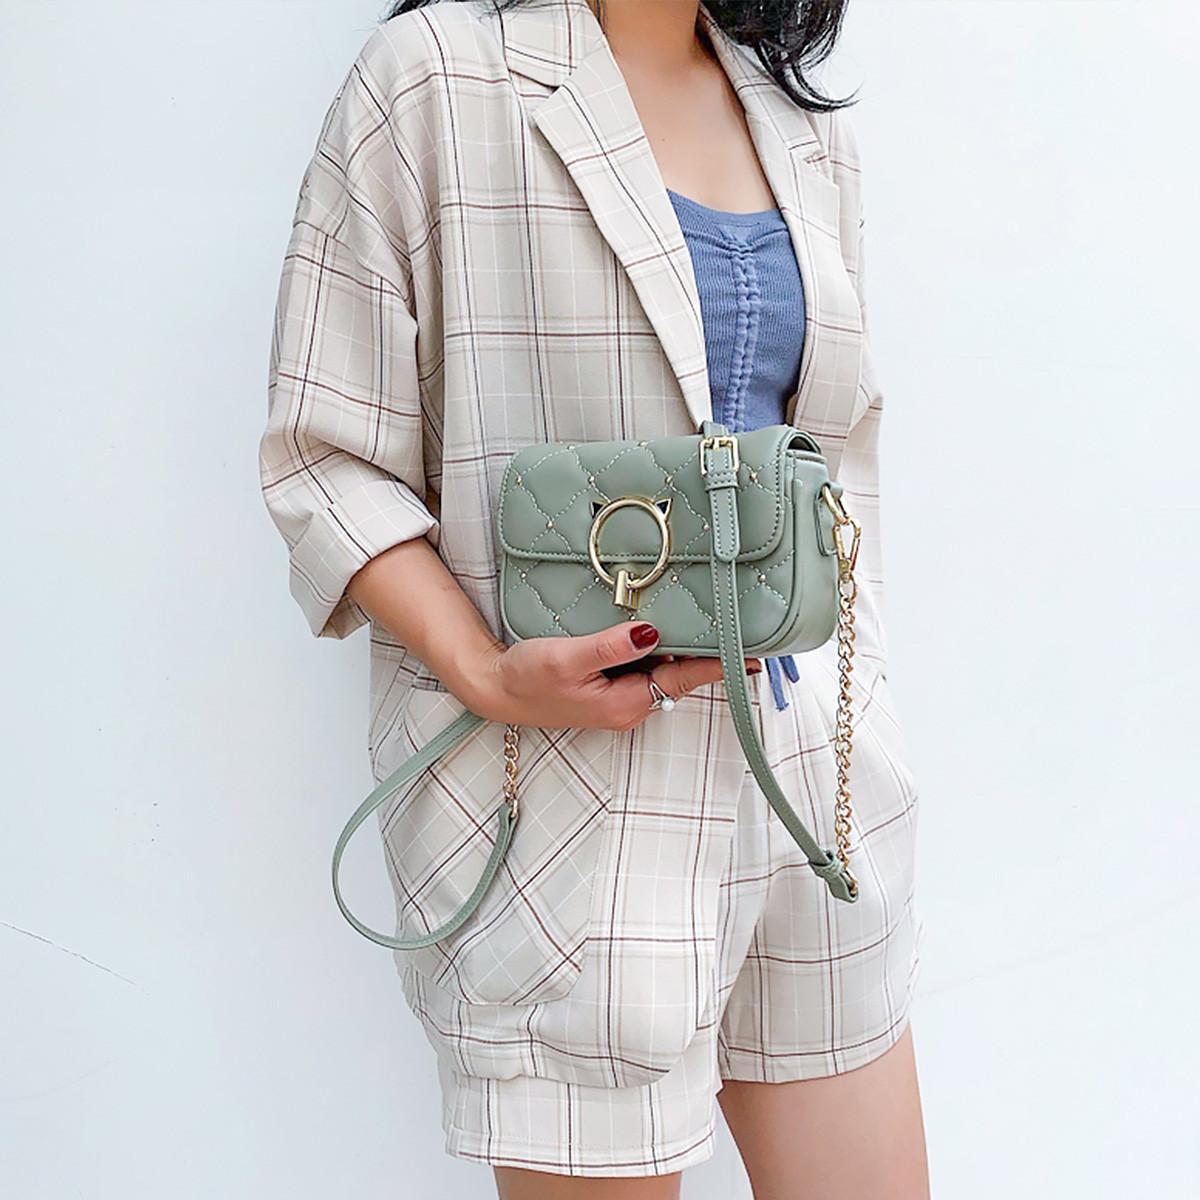 蒙娜丽莎 【专柜同款】时尚减龄百搭菱格包女包单肩包斜挎包小方包